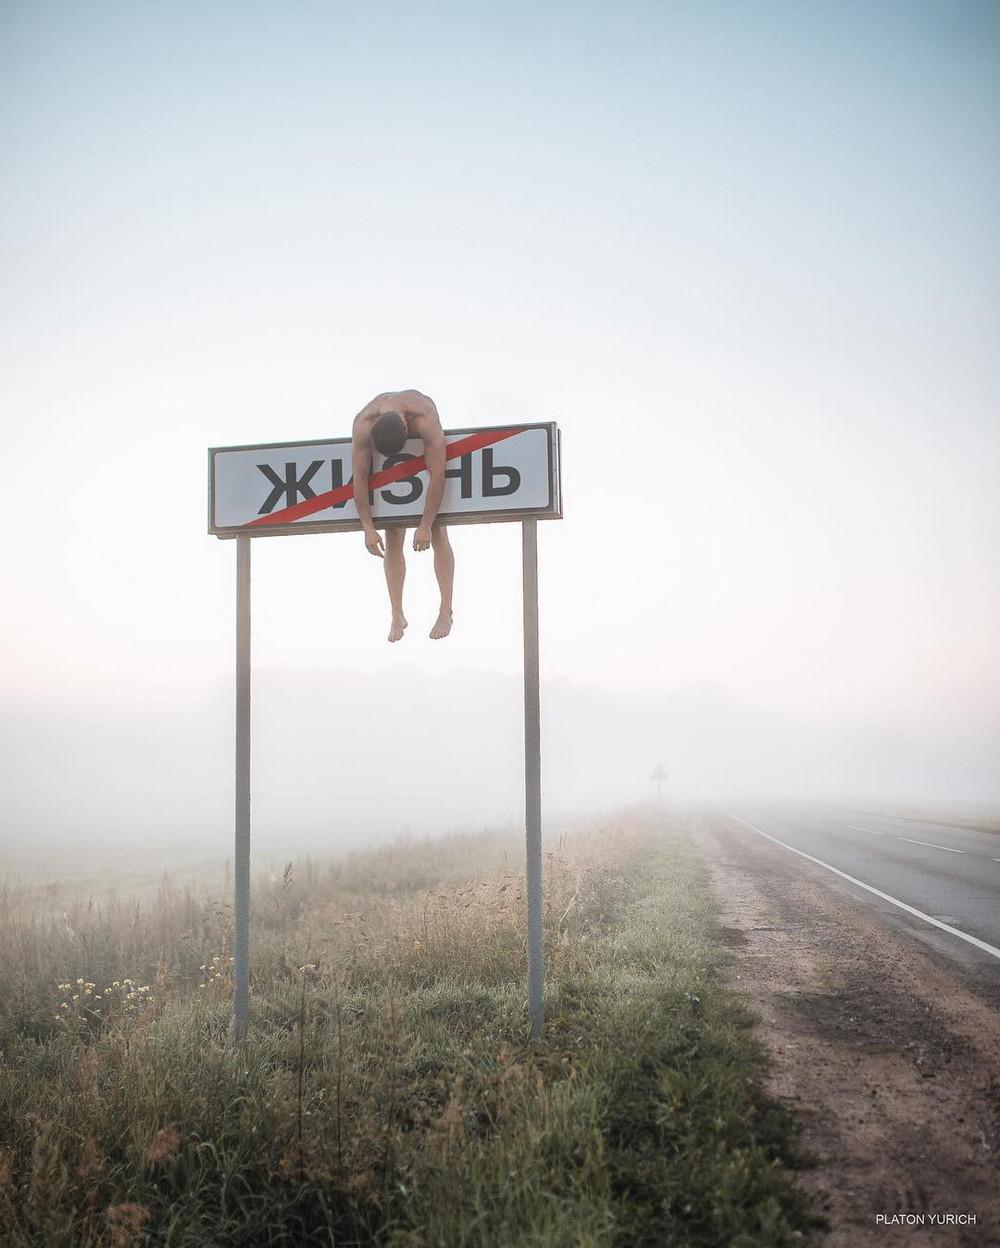 Сон или реальность? Сюрреалистические работы фотографа Платона Юрича